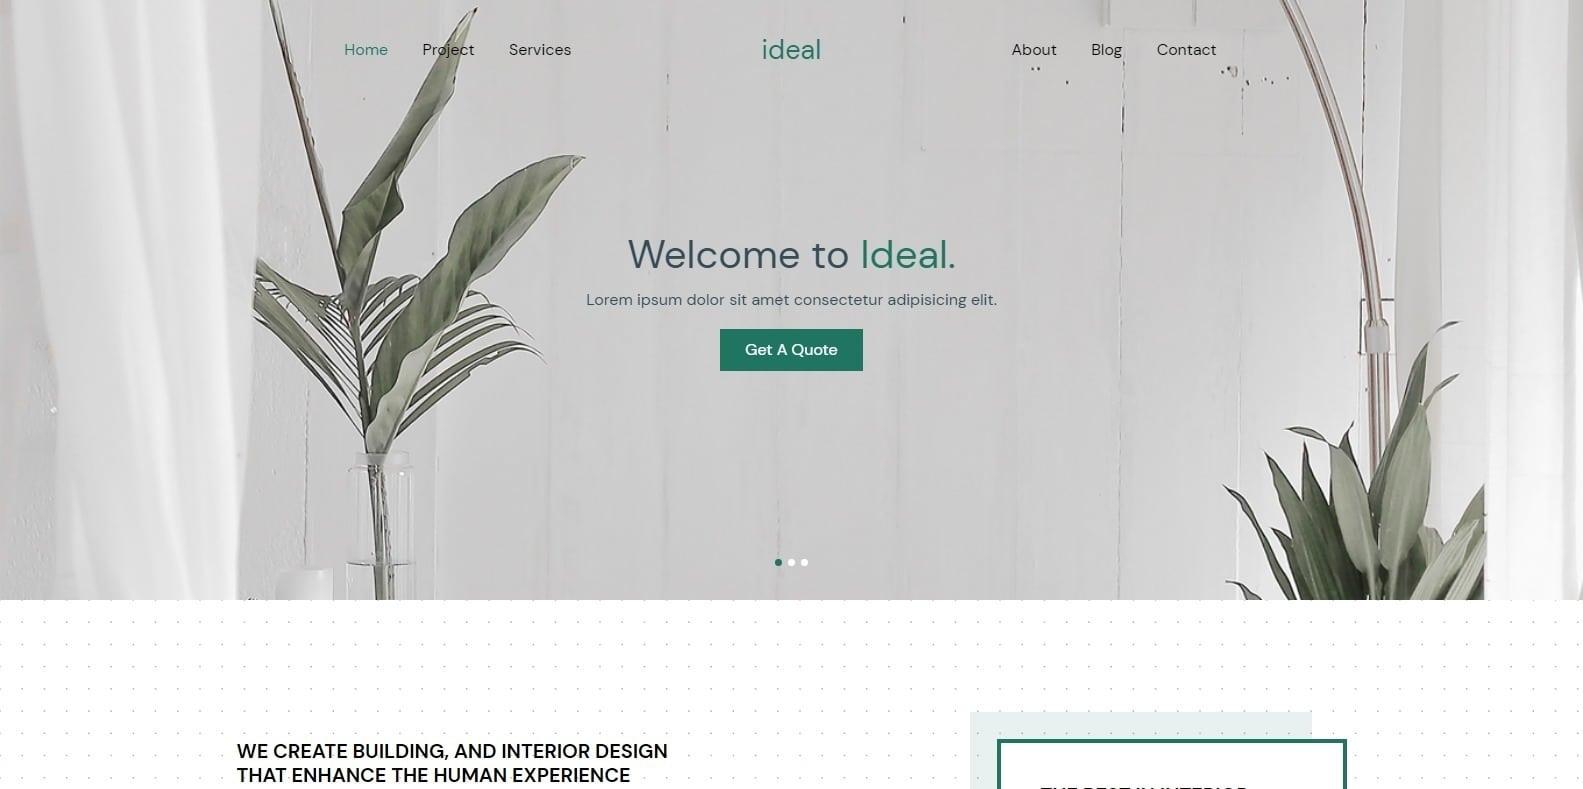 ideal-simple-website-template